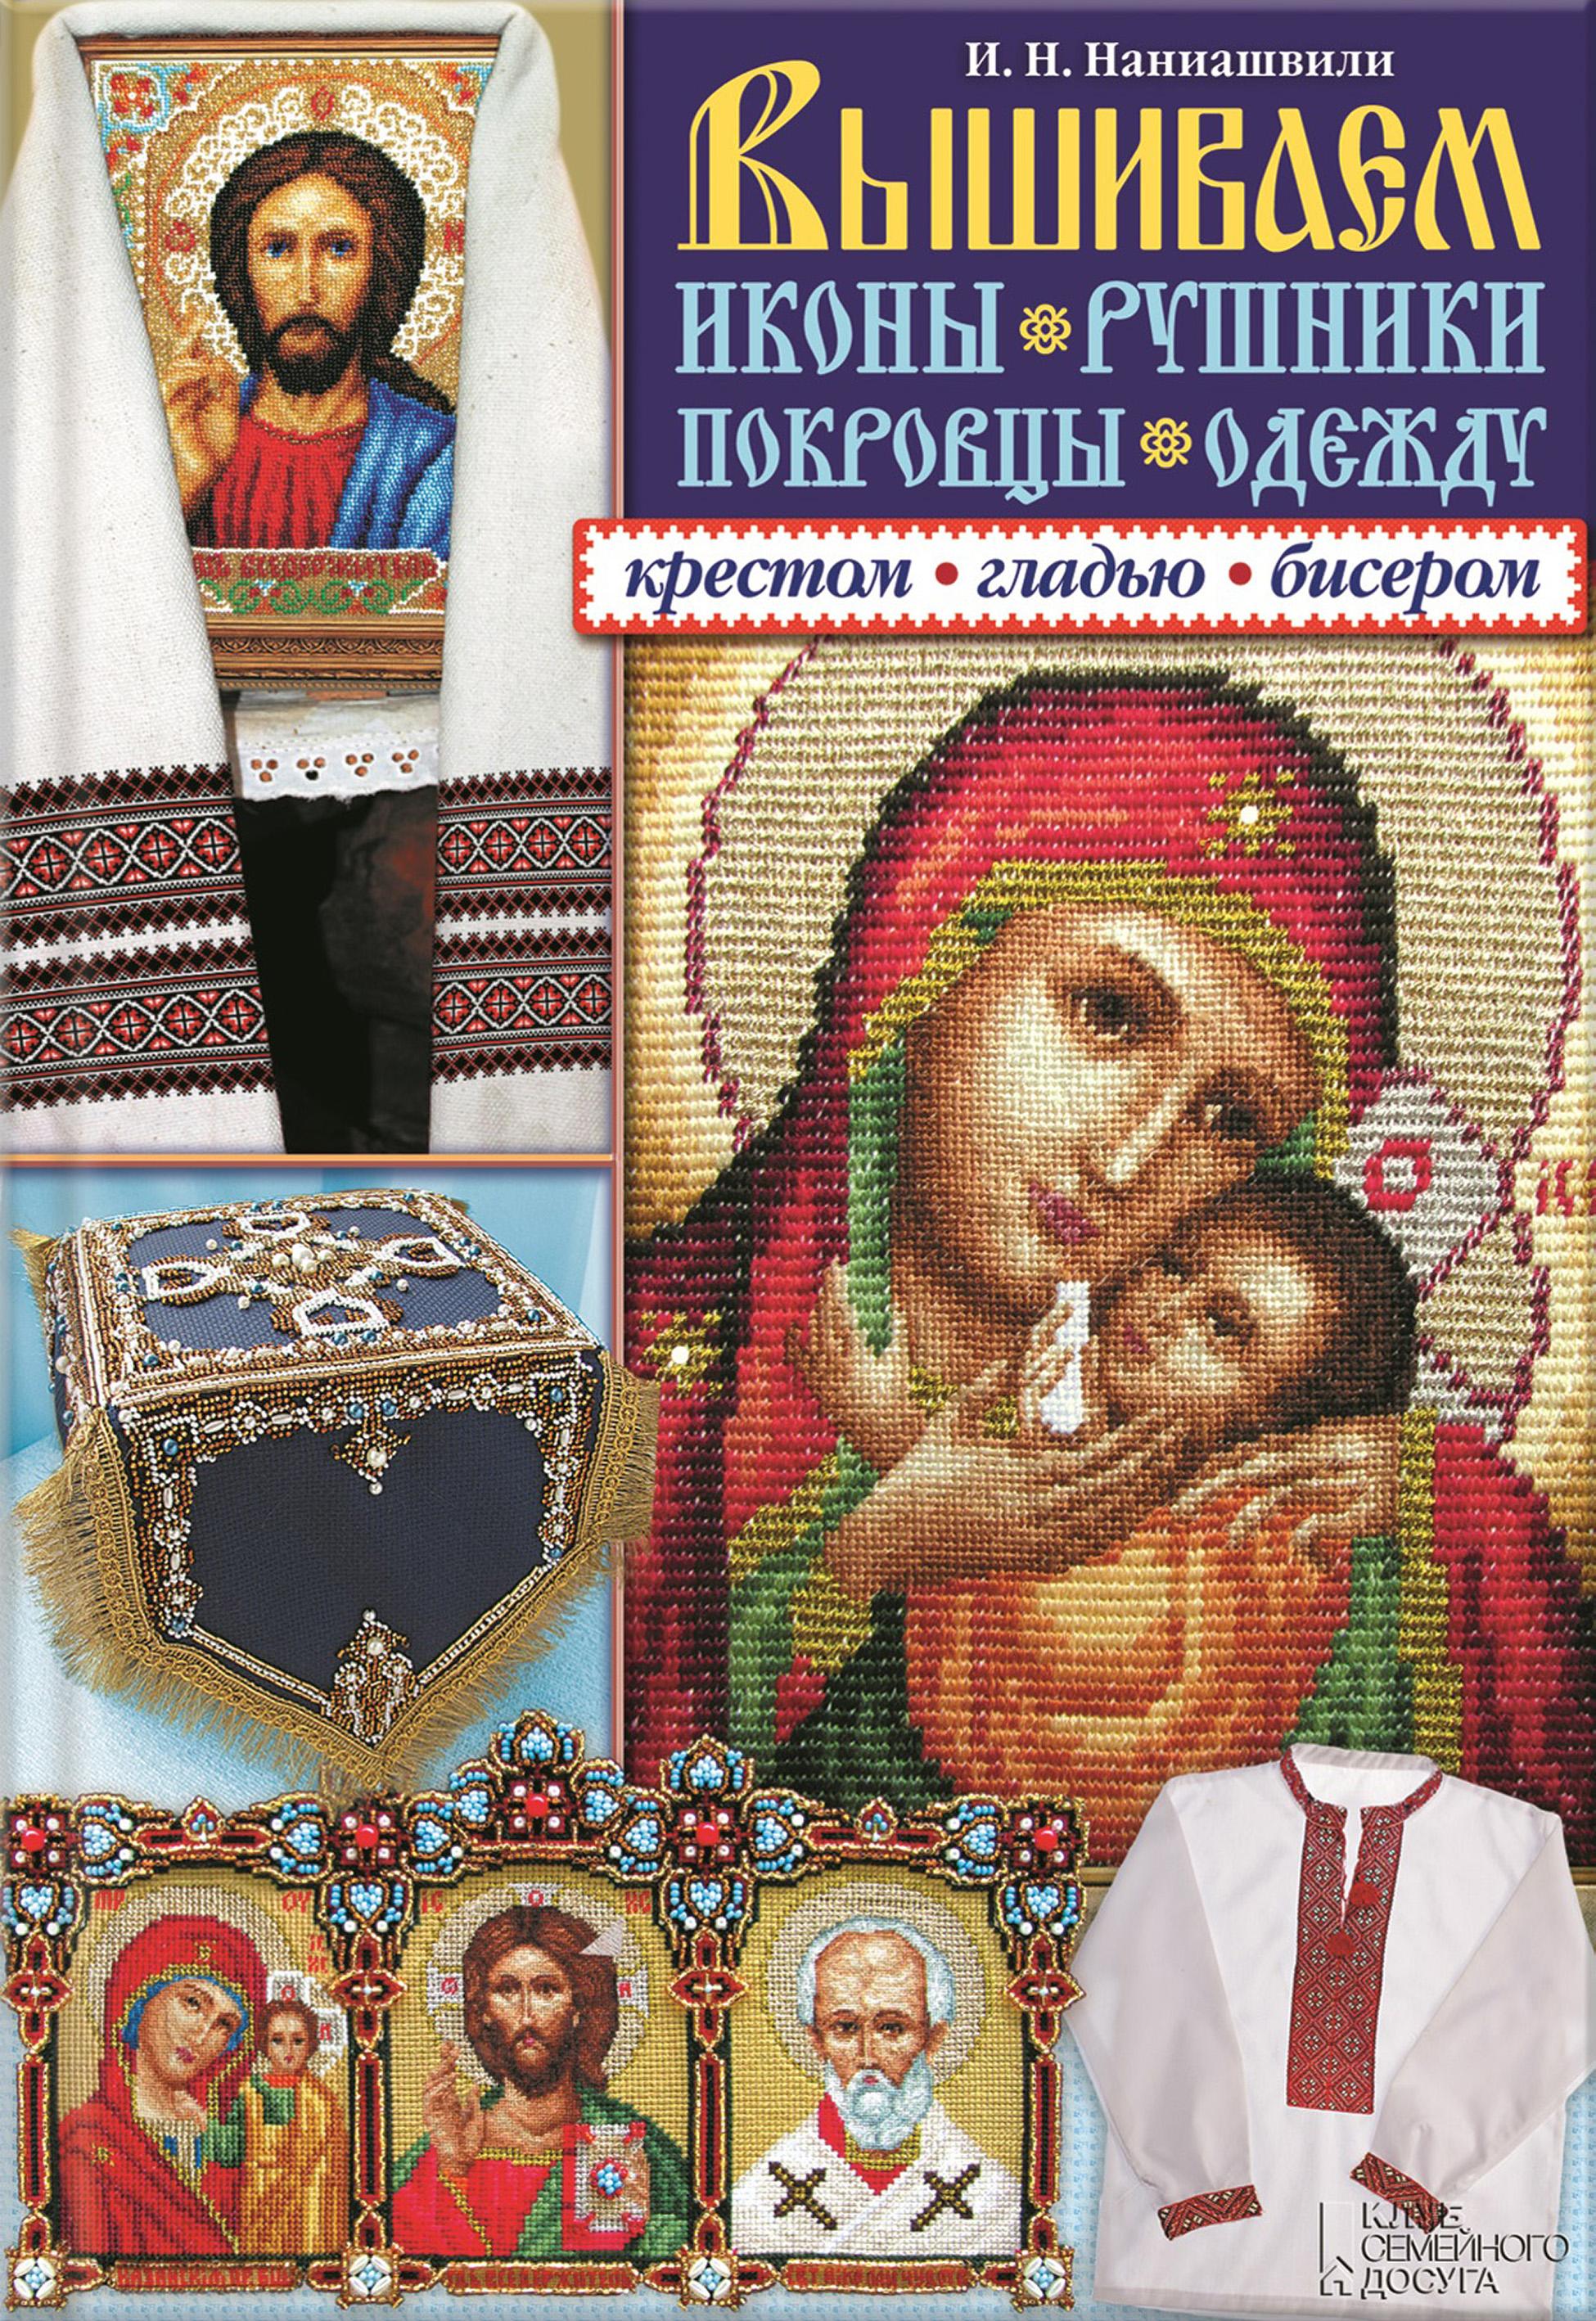 Ирина Наниашвили Вышиваем иконы, рушники, покровцы, одежду крестом, гладью, бисером наниашвили и вышиваем иконы рушники покровцы одежду крестом гладью бисером схемы